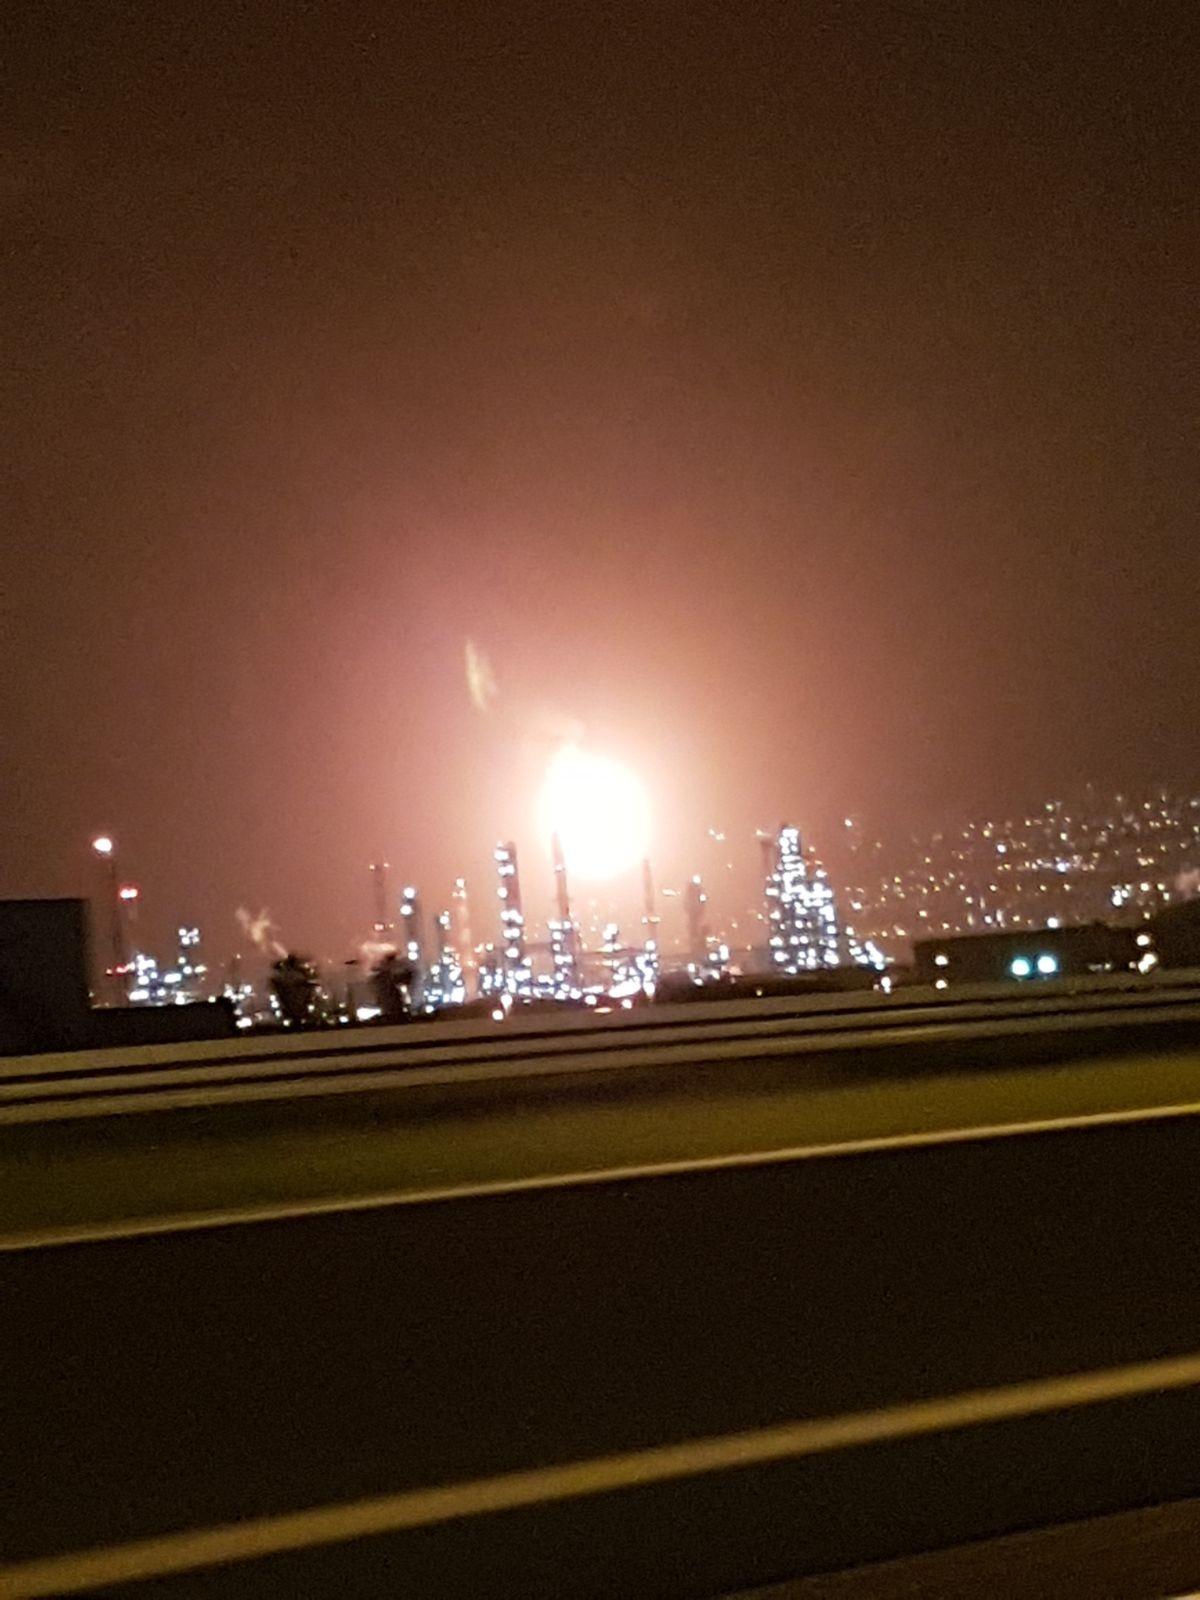 حيفا: خلل في معامل تكرير البترول وخروج شعلة نيران ضخمة